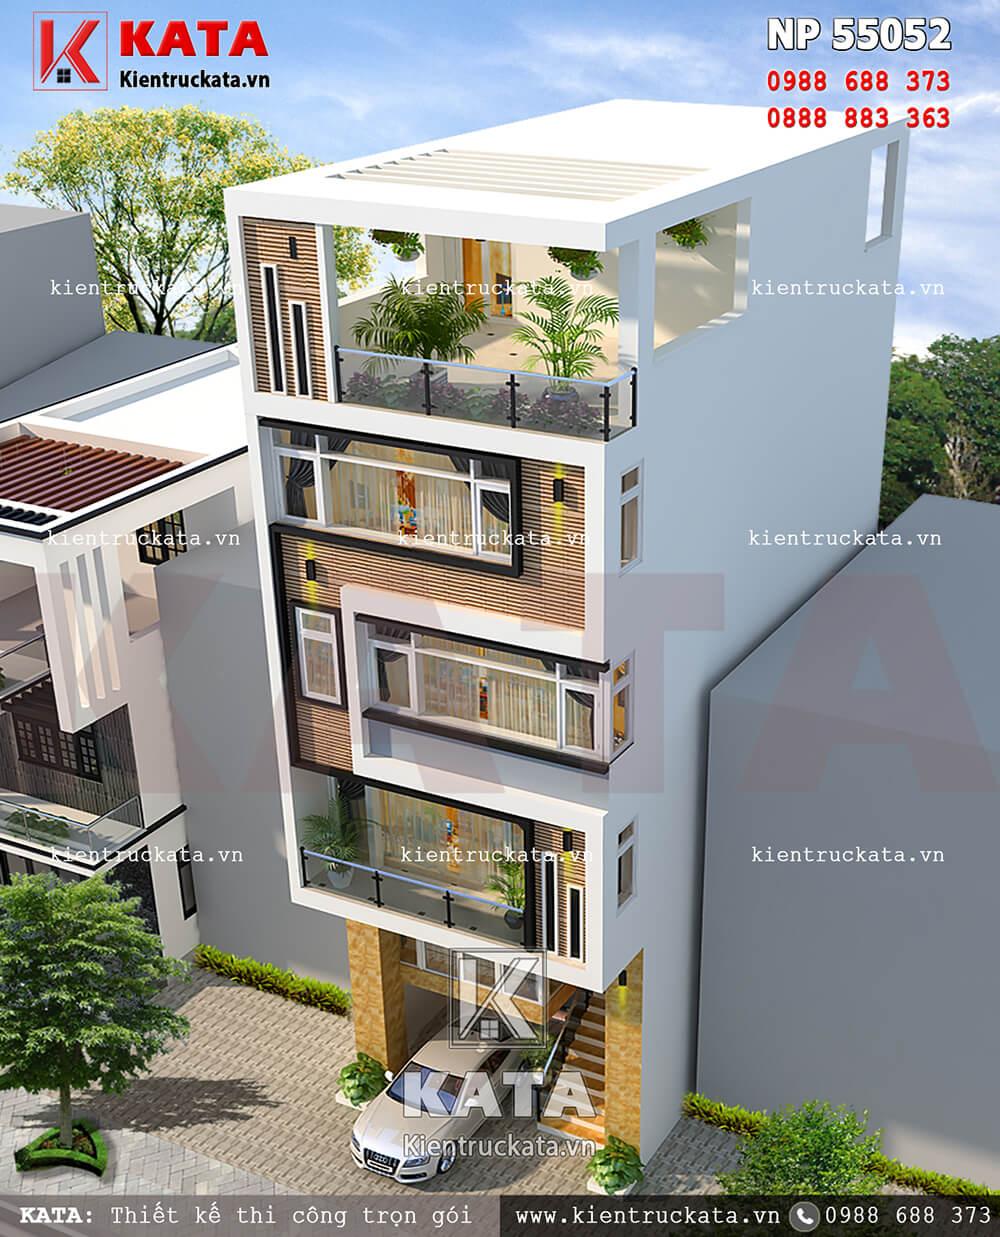 Thiết kế nhà phố 5 tầng kết hợp kinh doanh nhìn từ trên cao